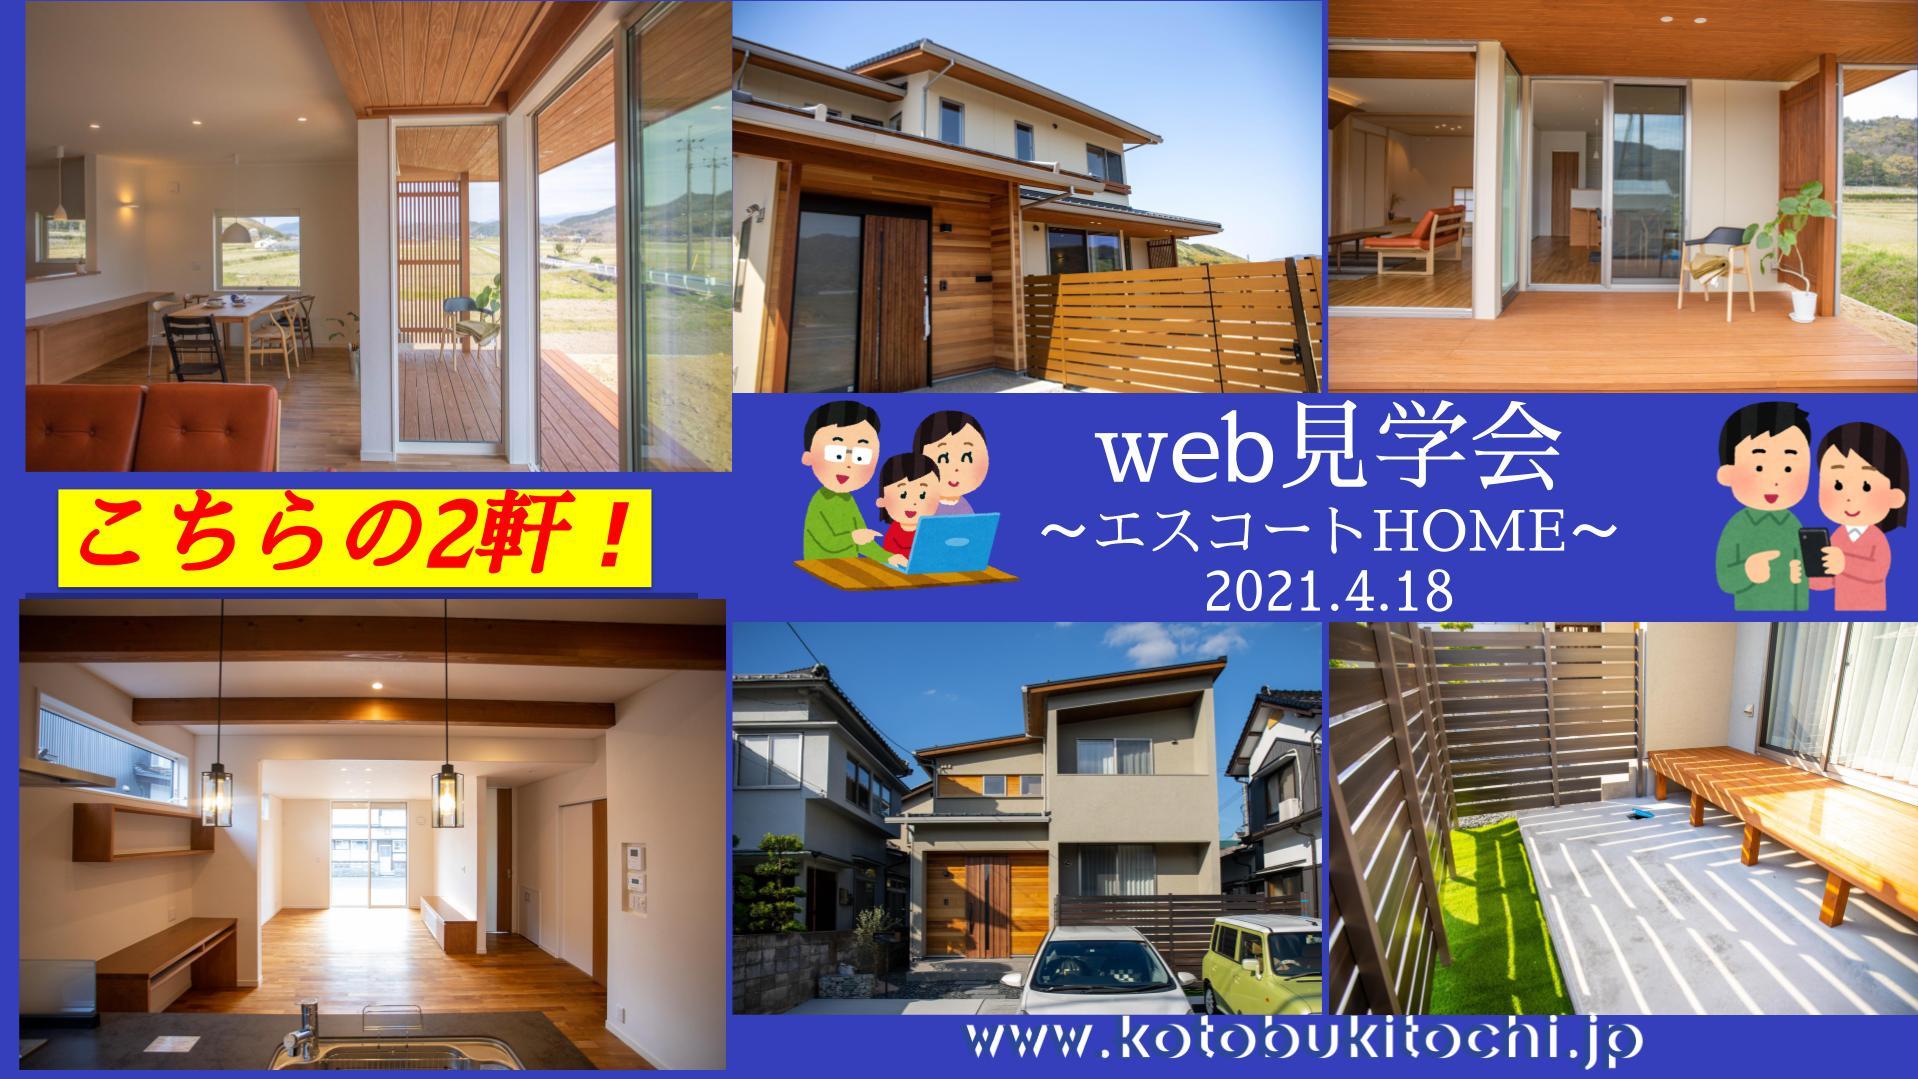 【オンライン】web見学会~エスコートHOME~ 引っ越してからの家を見てみよう!